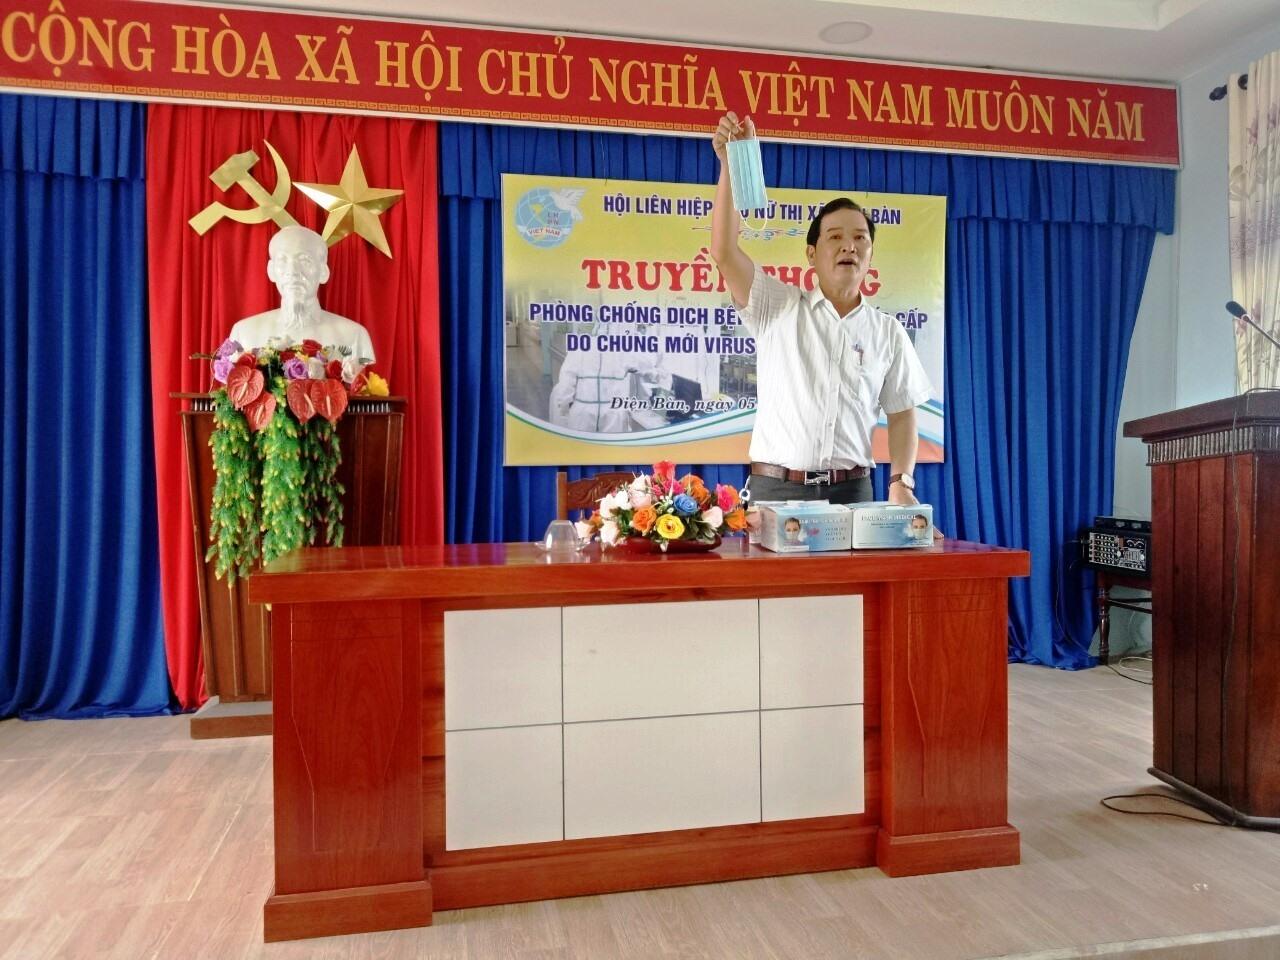 Hội LHPN thị xã Điện Bàn mời Trung tâm Y tế thị xã đến thông tin, tuyên truyền về dịch bệnh corona cho cán bộ hội. Ảnh: Hội LHPN tỉnh cung cấp